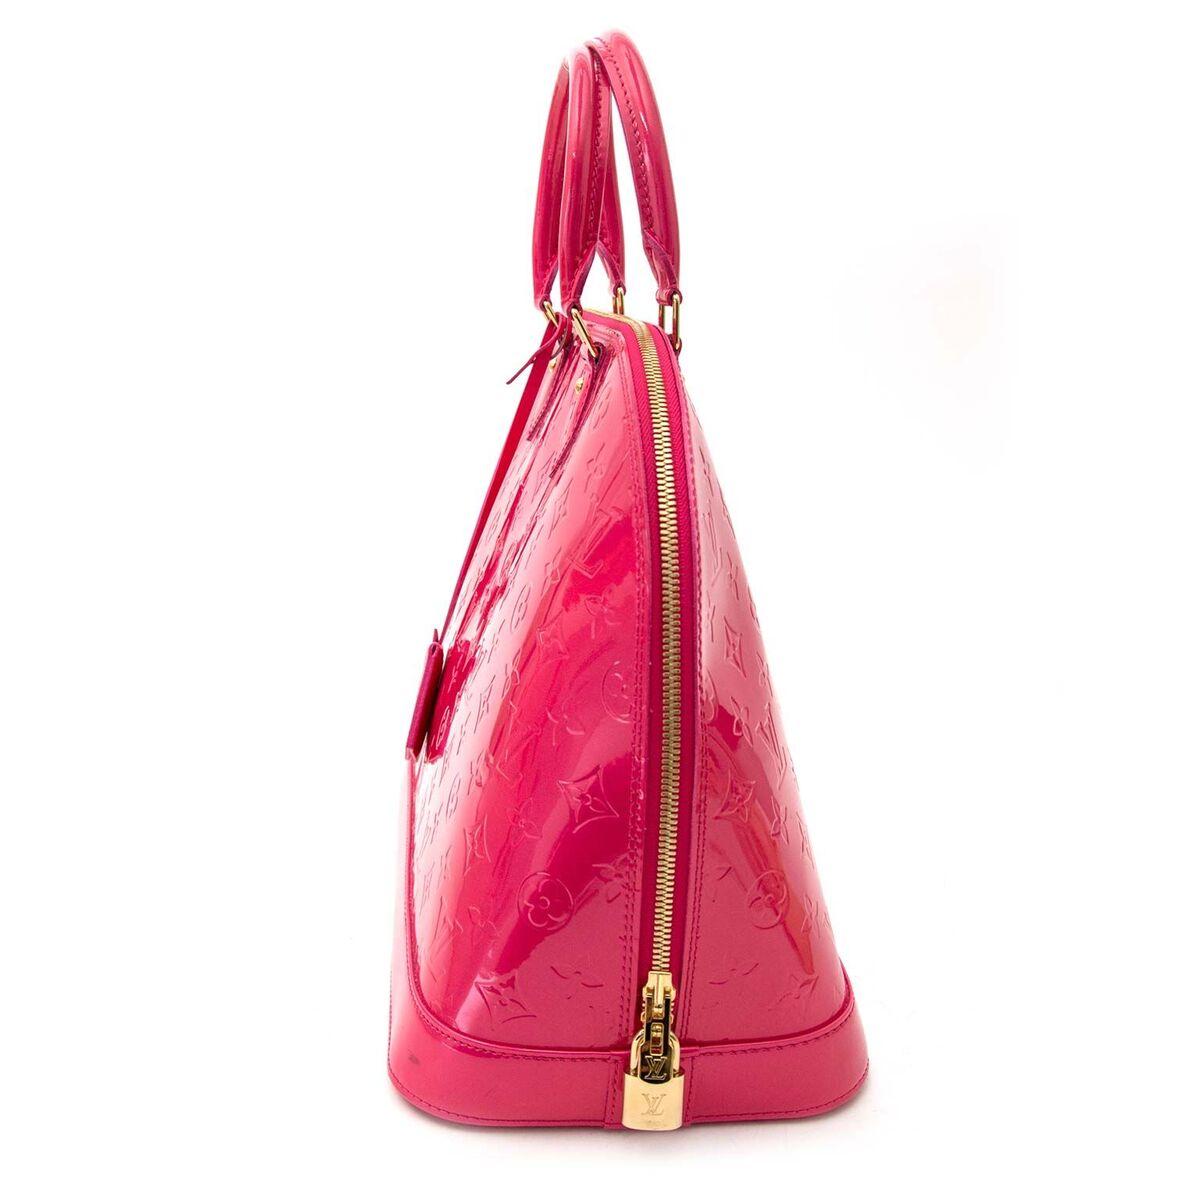 Koop authentieke tweedehands Louis Vuitton Alma bag in een trendy fuchsia kleur (Rose Indien) in vernis met juiste prijs bij LabelLOV. Veilig online shoppen LabelLOV webshop luxe merken winkelen Antwerpen België, mode fashion